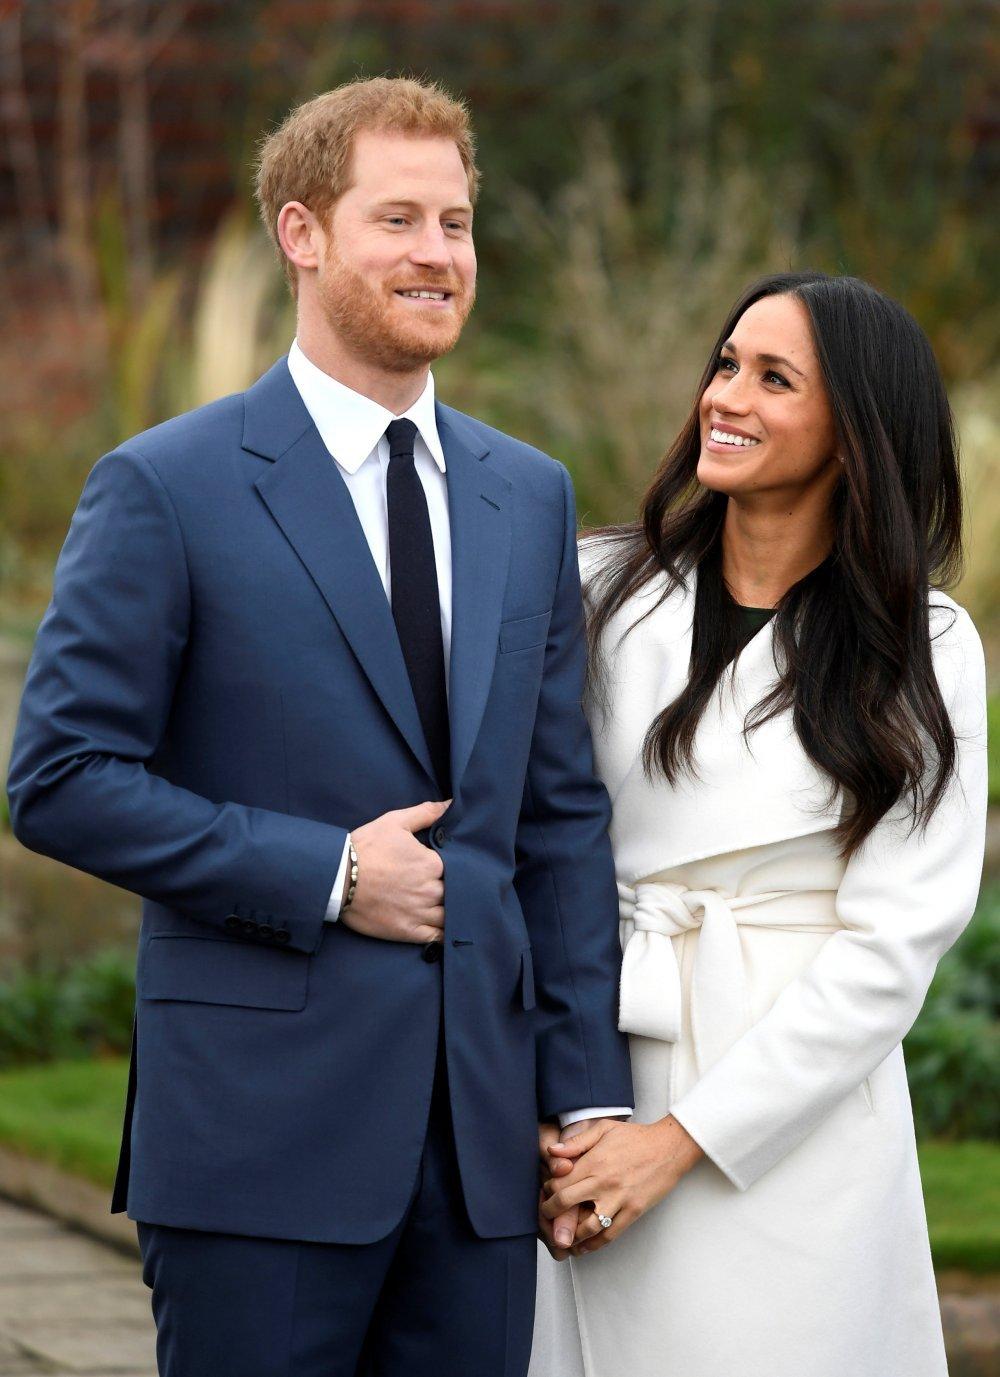 Princ Harry o svojoj odabranici: 'Od prvog dana znao sam da je Meghan ona  prava' - tportal